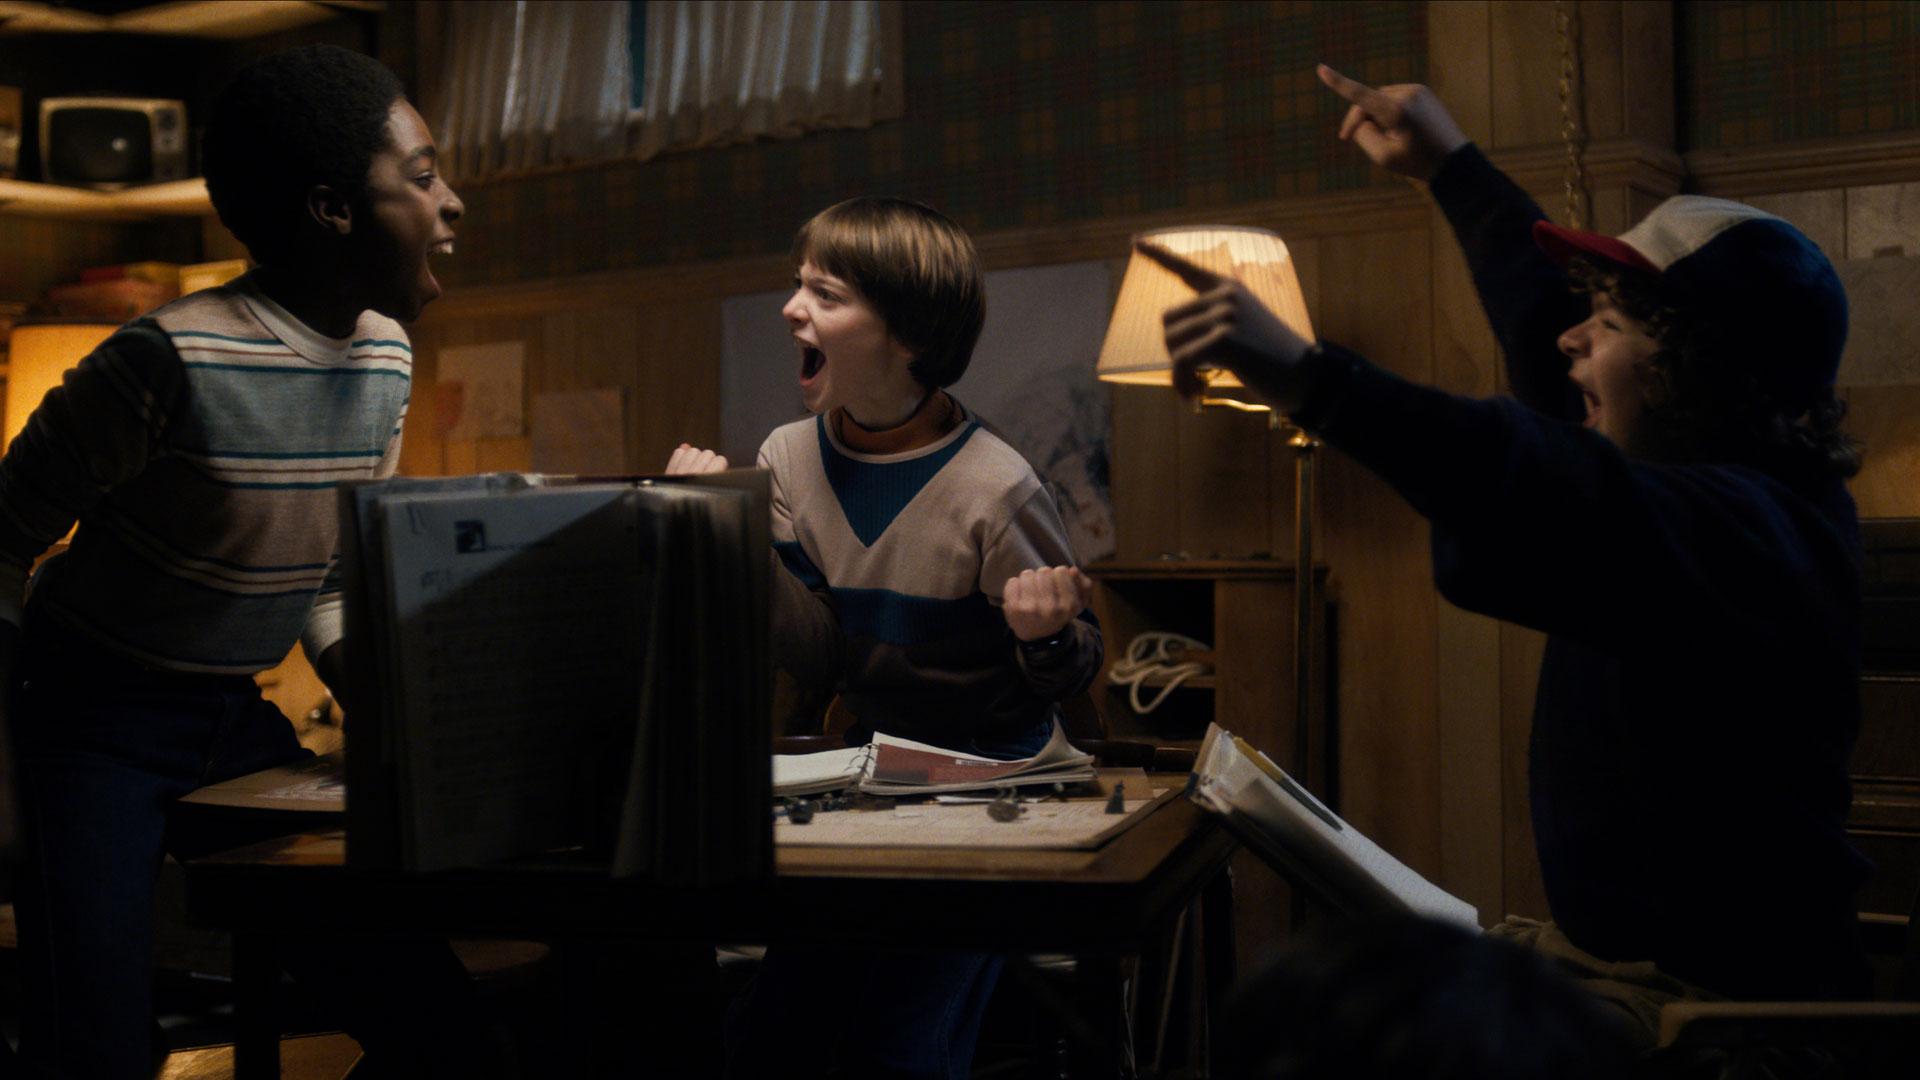 Stranger Things treffer blink med god kjemi og kult rollegalleri i vennegjengen. (Foto: Netflix)